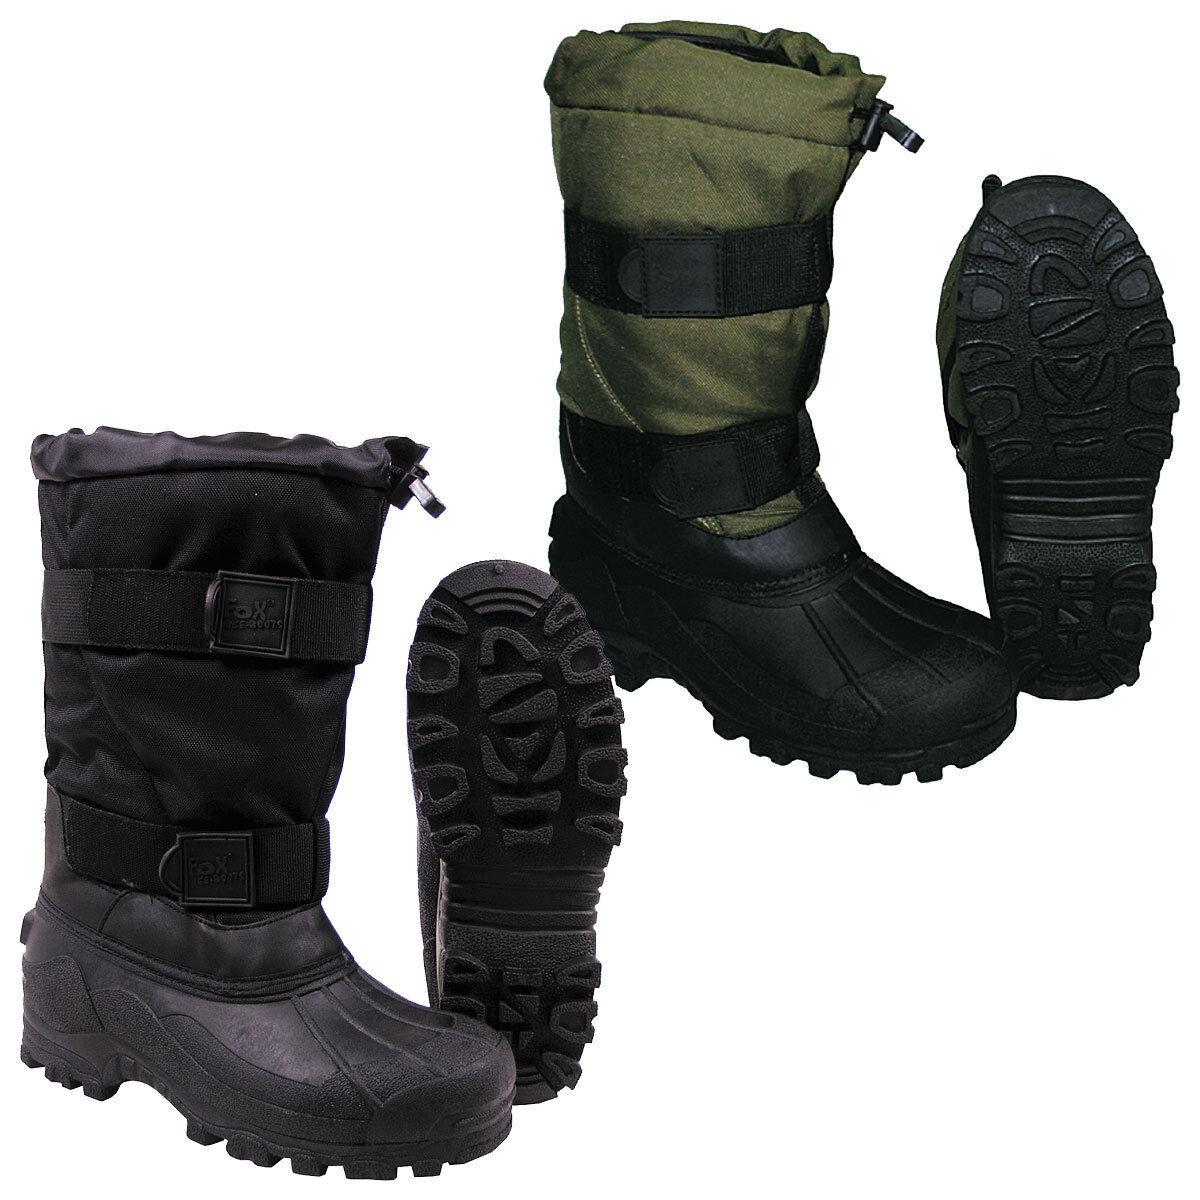 Kälteschutzstiefel FOX ICE BOOTS 37-47, Thermostiefel bis -40°C, Winterstiefel